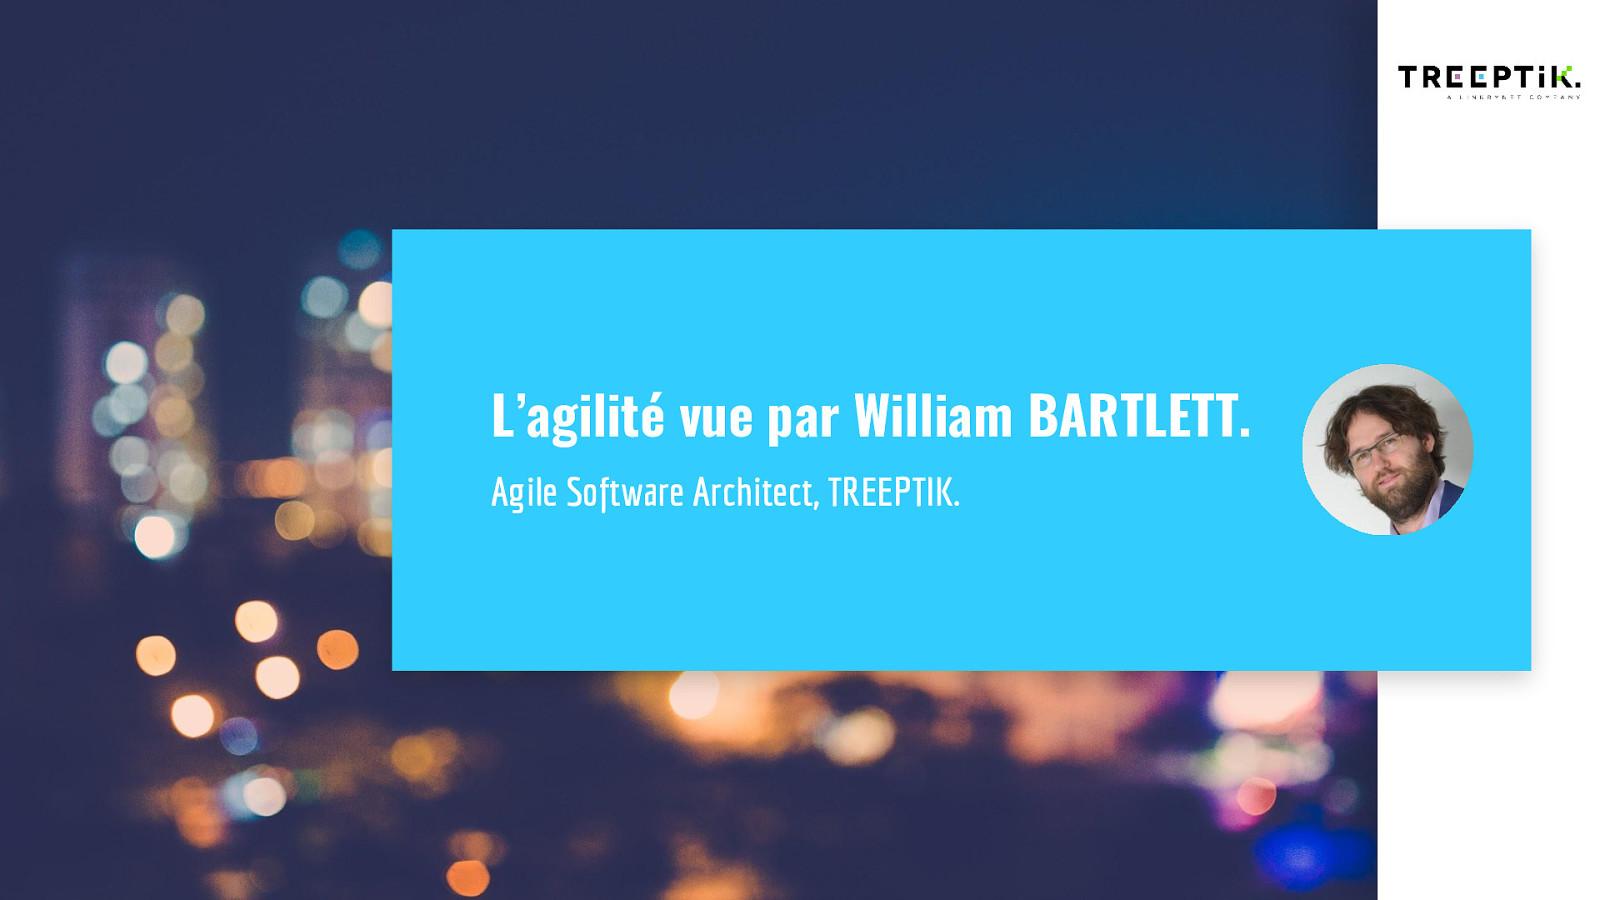 L'agilité vue par William Bartlett